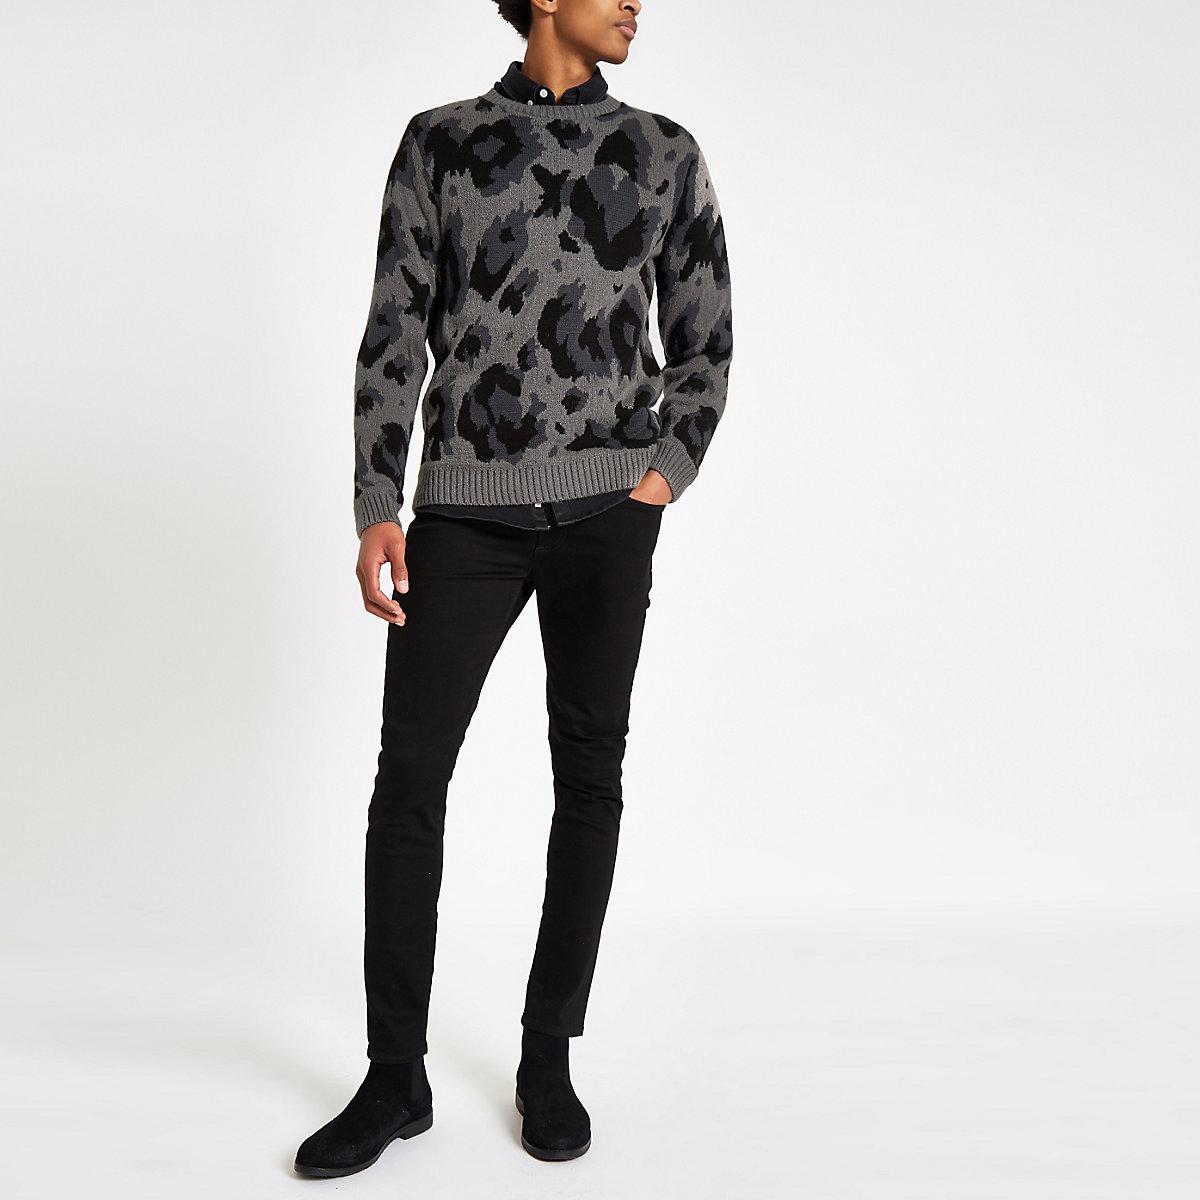 Grey leopard print slim fit sweater